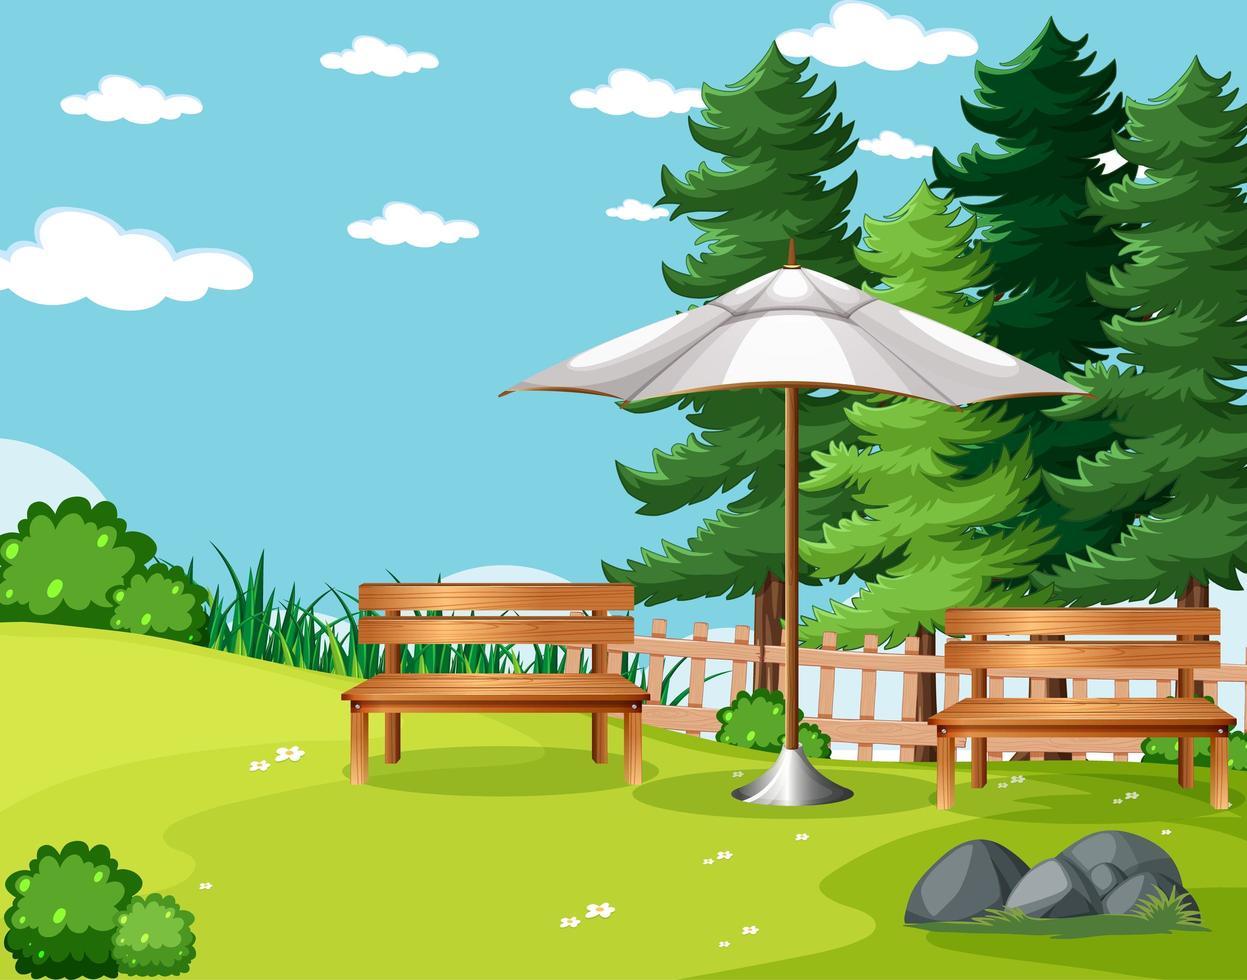 scène vide de pique-nique dans le parc naturel vecteur